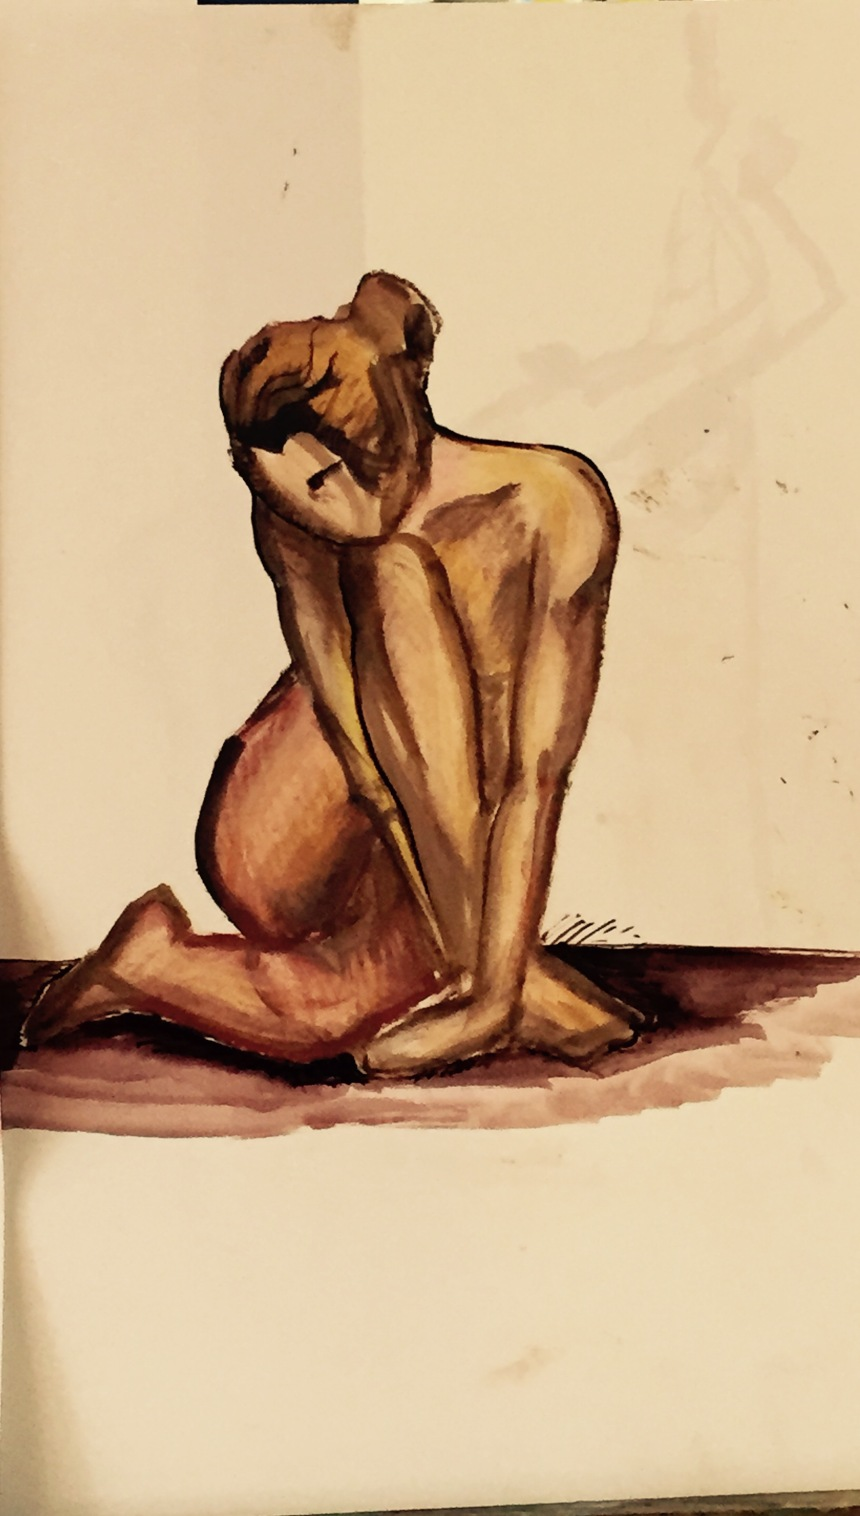 Exposition à la bibliothèque: le corps mis à nu